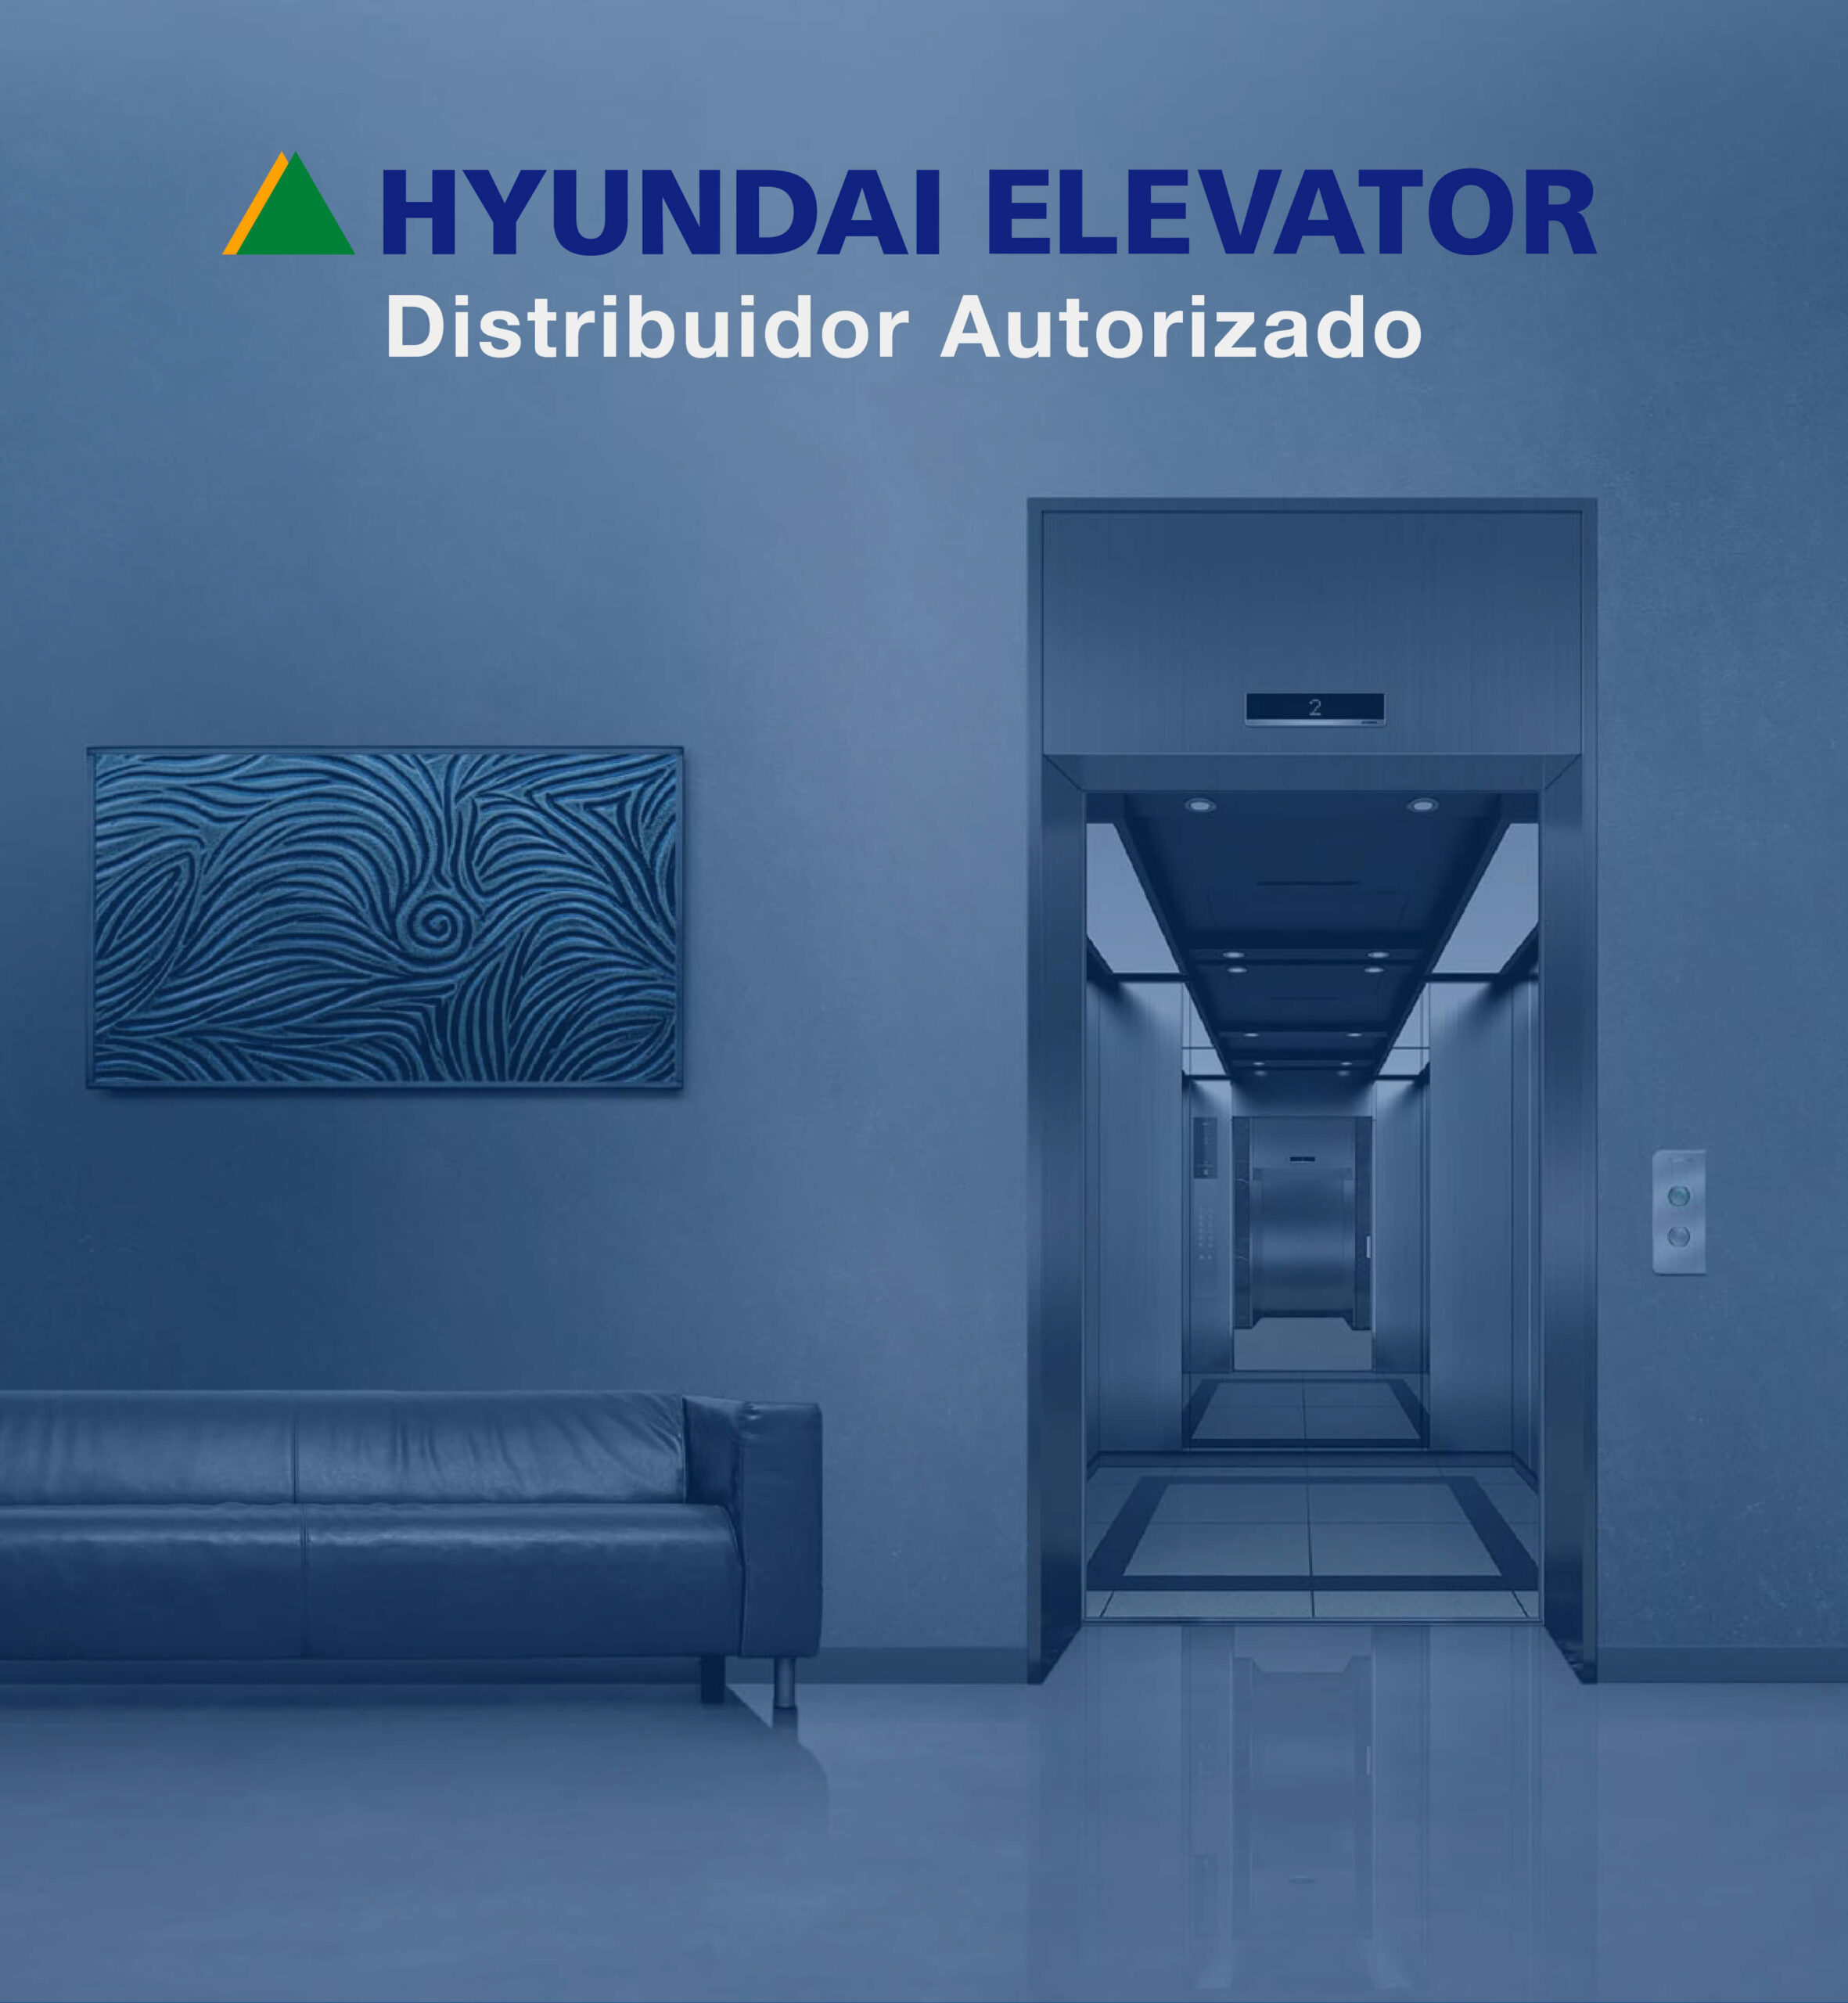 cibes-hyundai-elevator-supplier